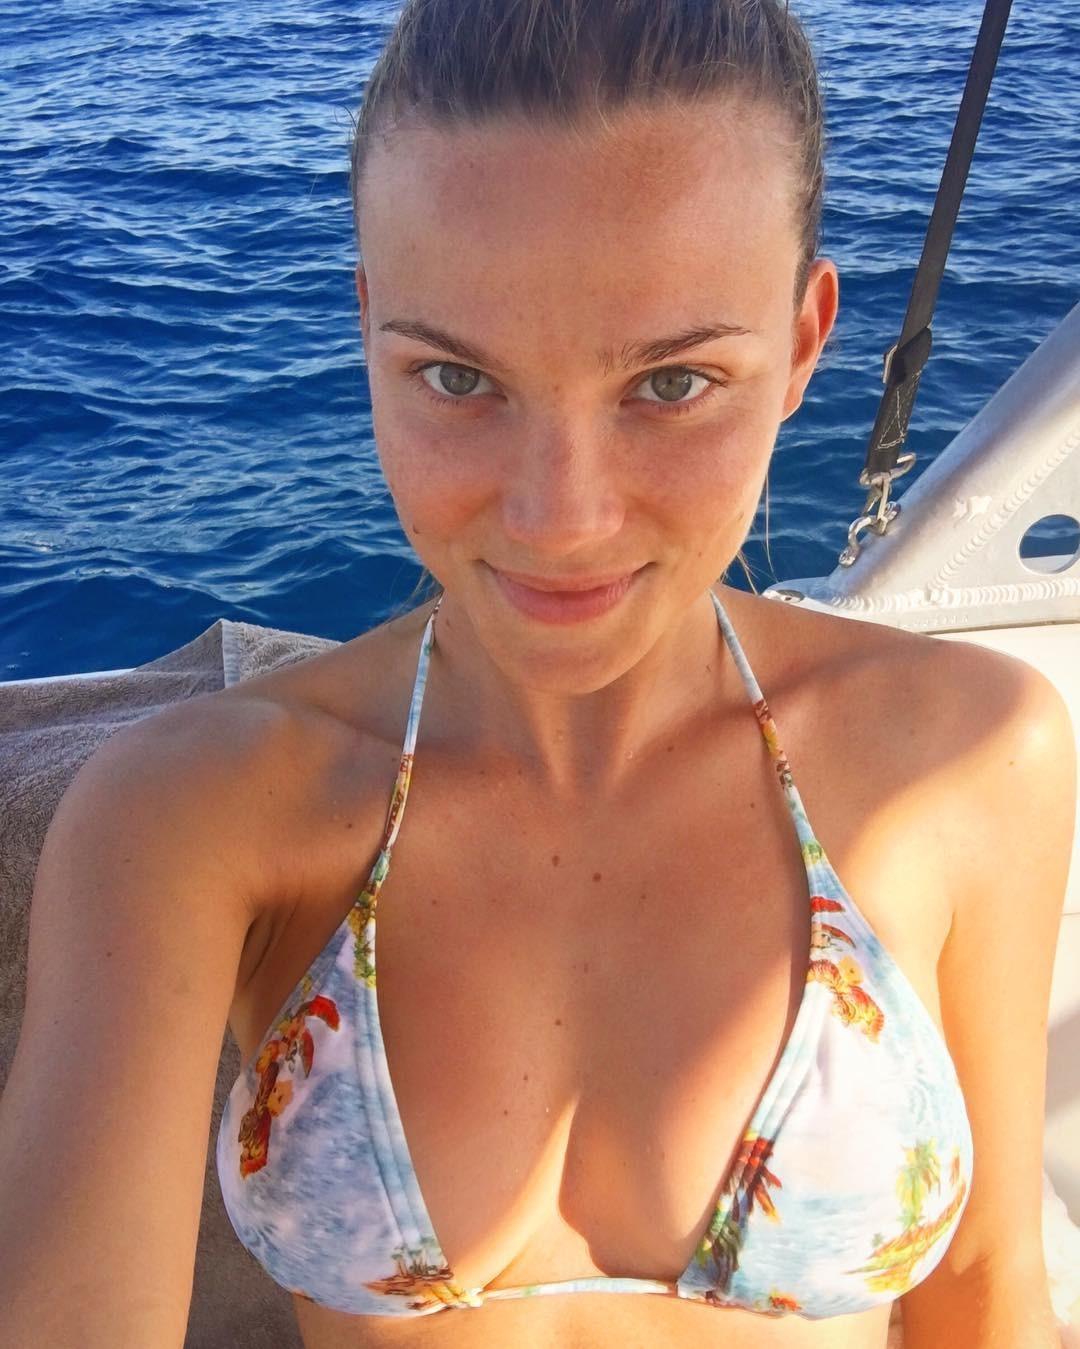 Young Alexis Dziena nudes (43 photos), Ass, Hot, Boobs, in bikini 2019